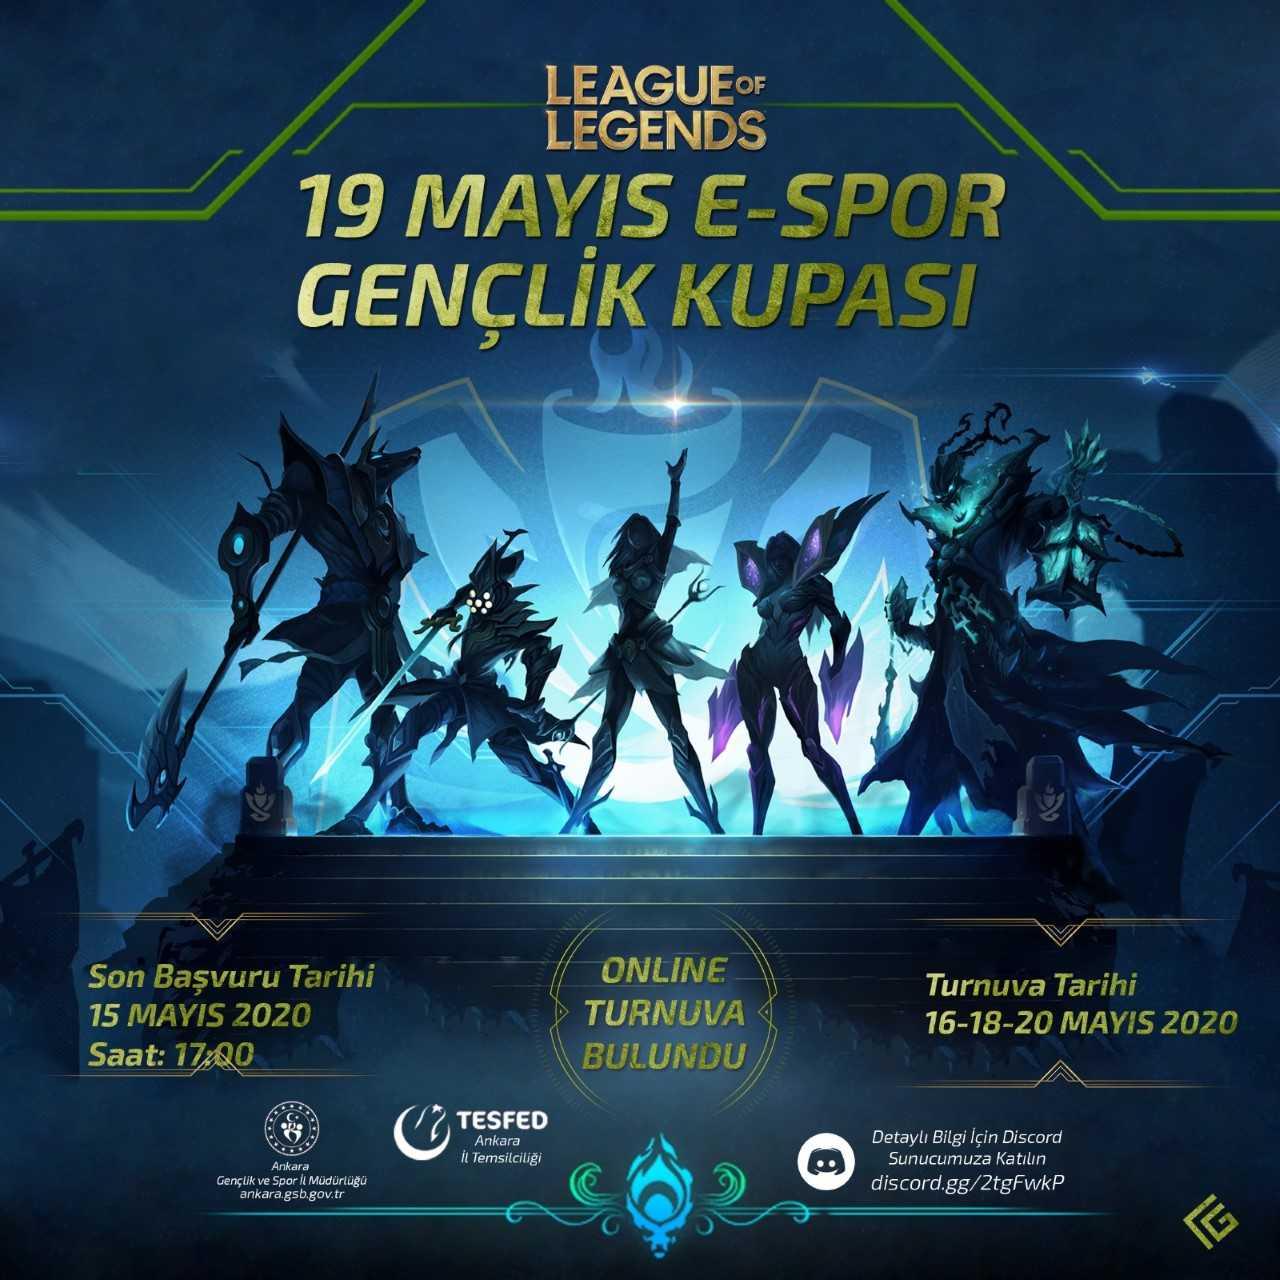 19 Mayıs Espor Gençlik Kupası Heyecanı Yaklaşıyor